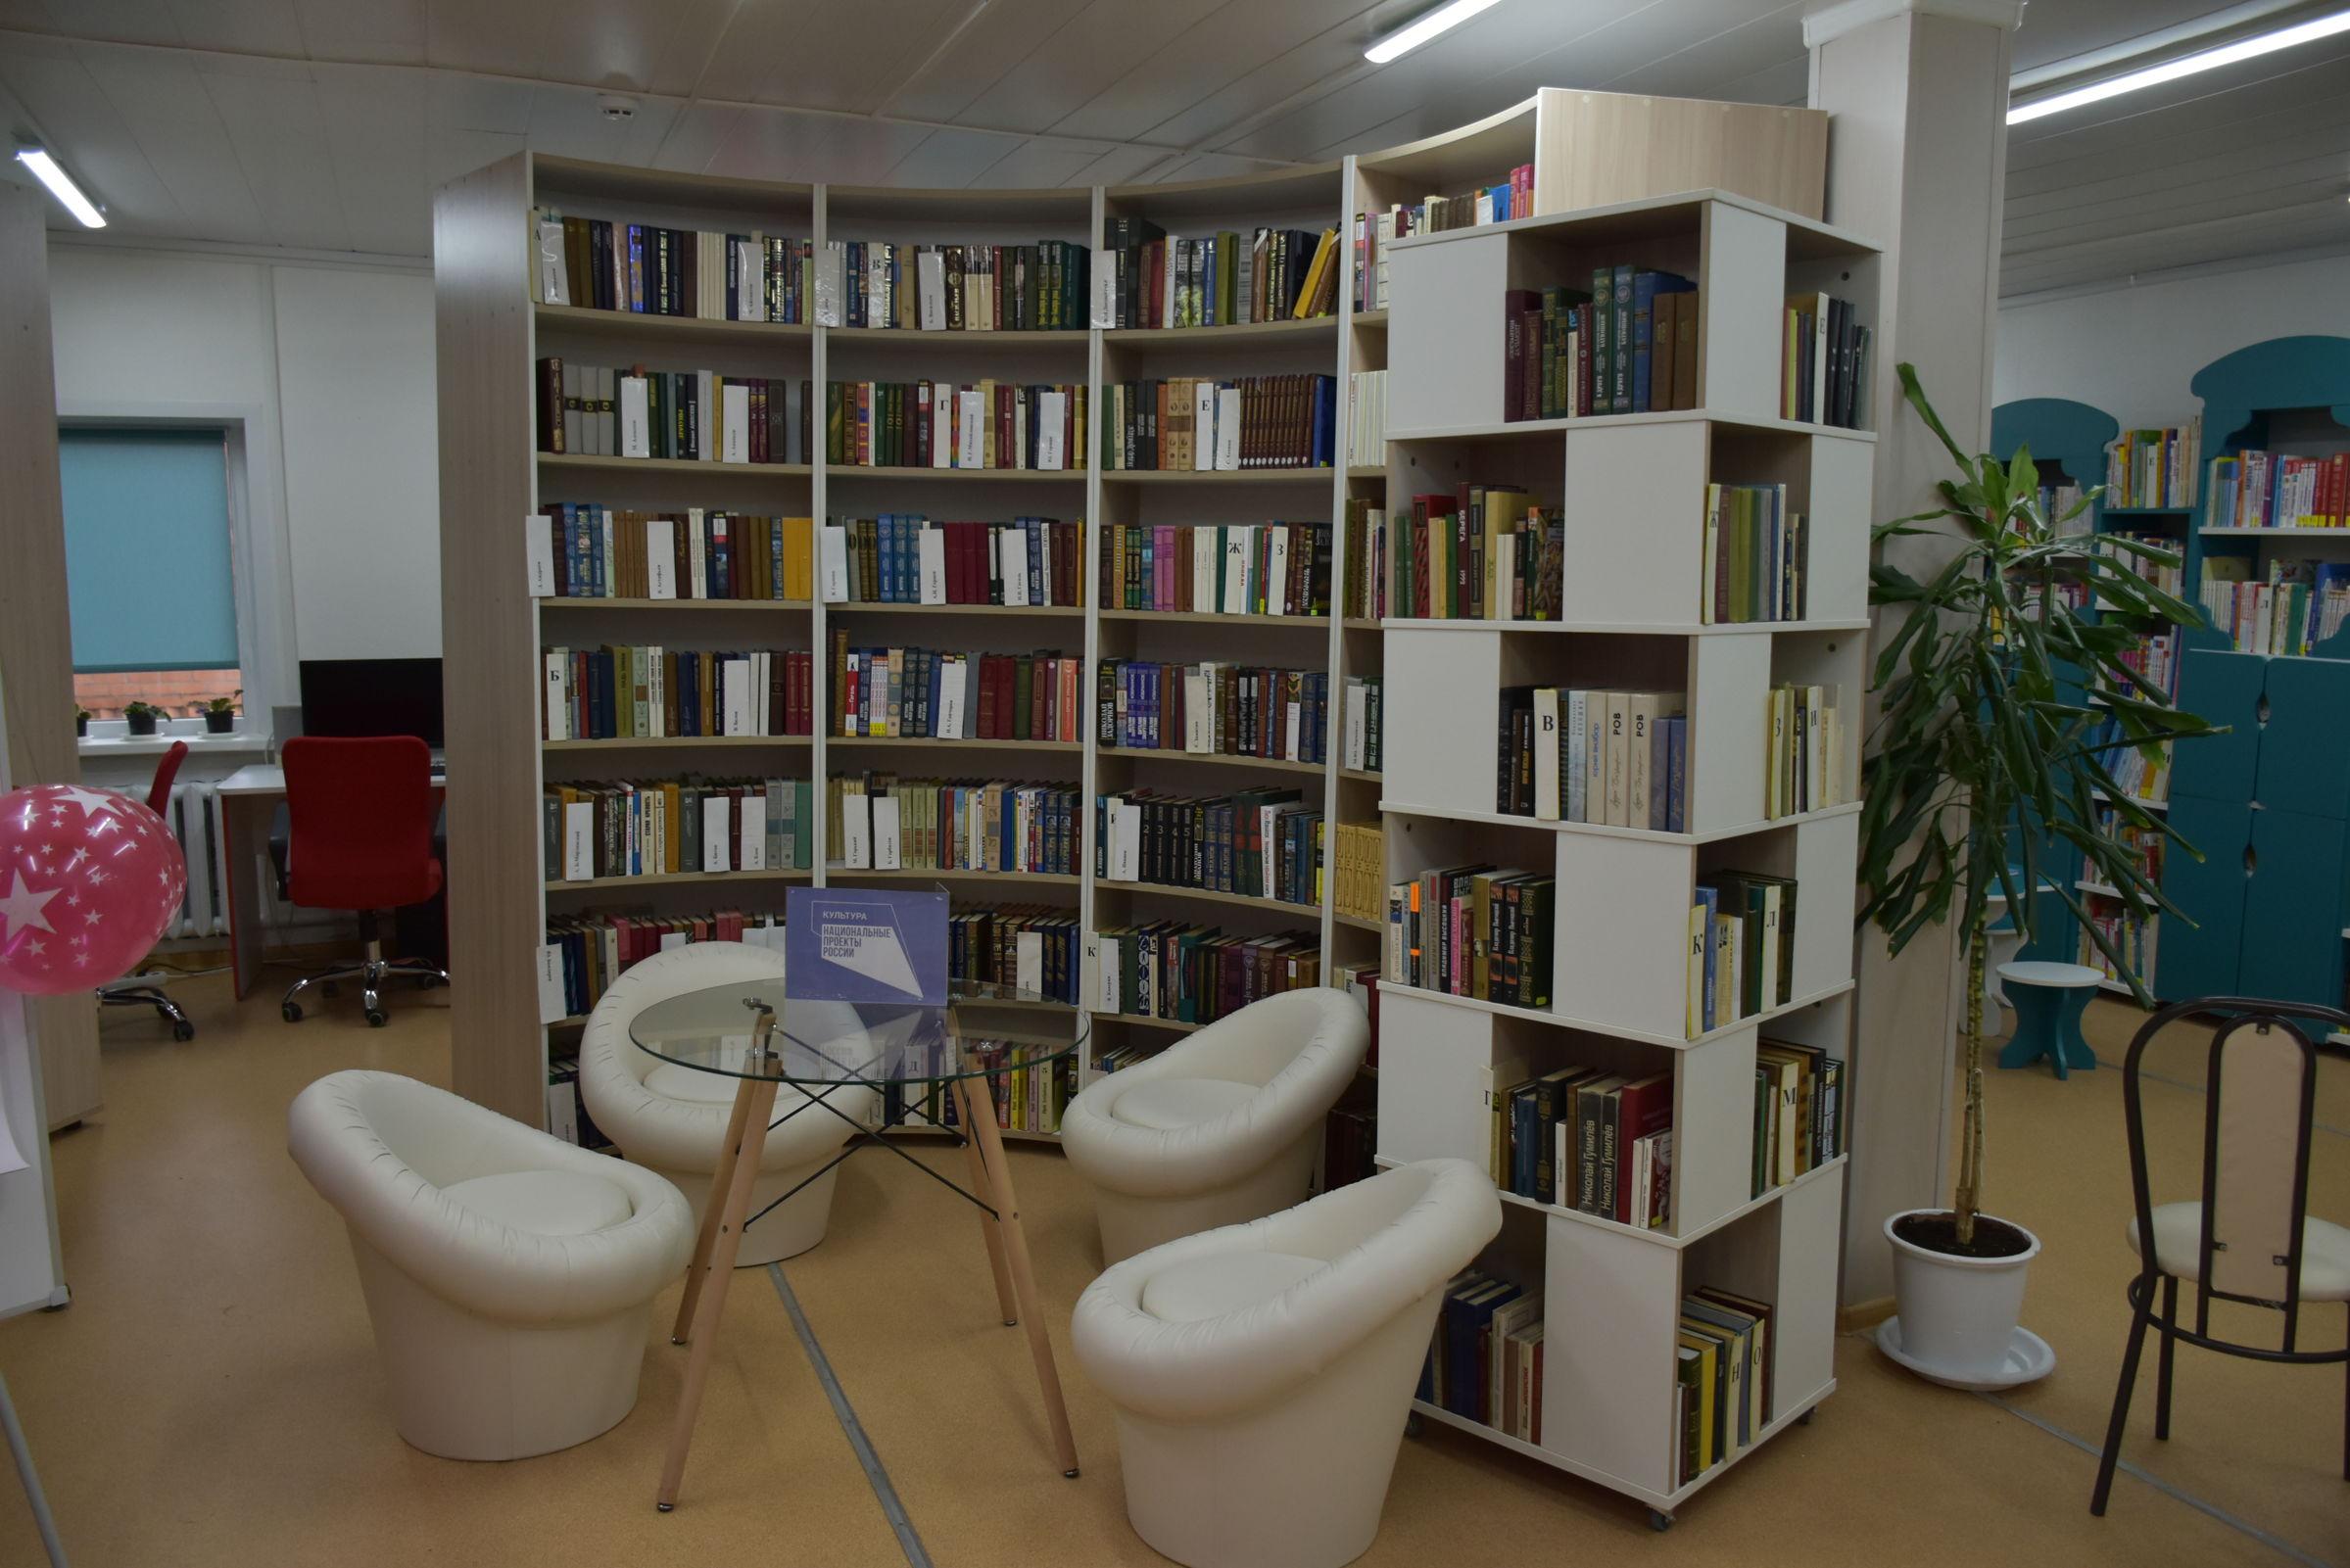 Библиотека нового поколения открылась в Переславле-Залесском